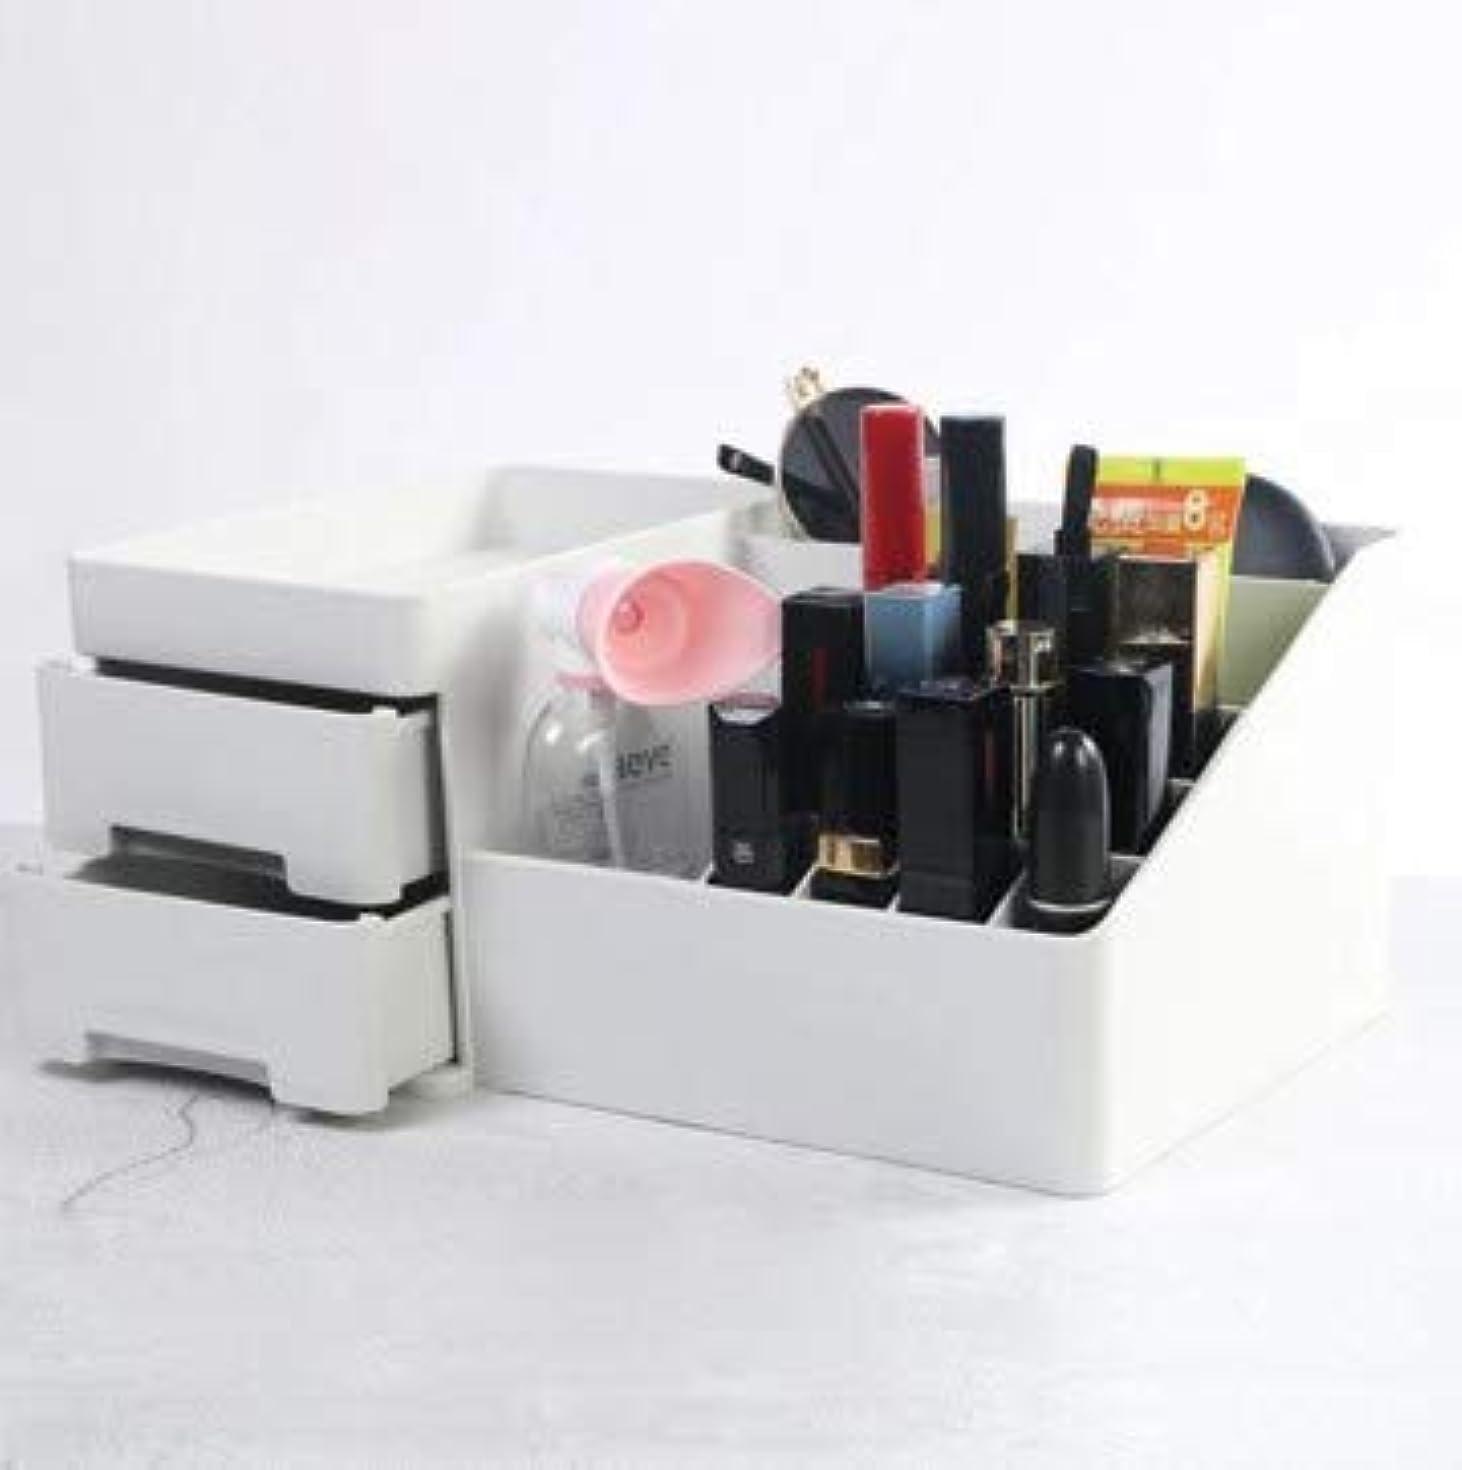 あごダイヤル小川デスクトップ引き出し型化粧品収納ボックスプラスチックドレッシング収納ホーム収納ボックス (Color : グレー)